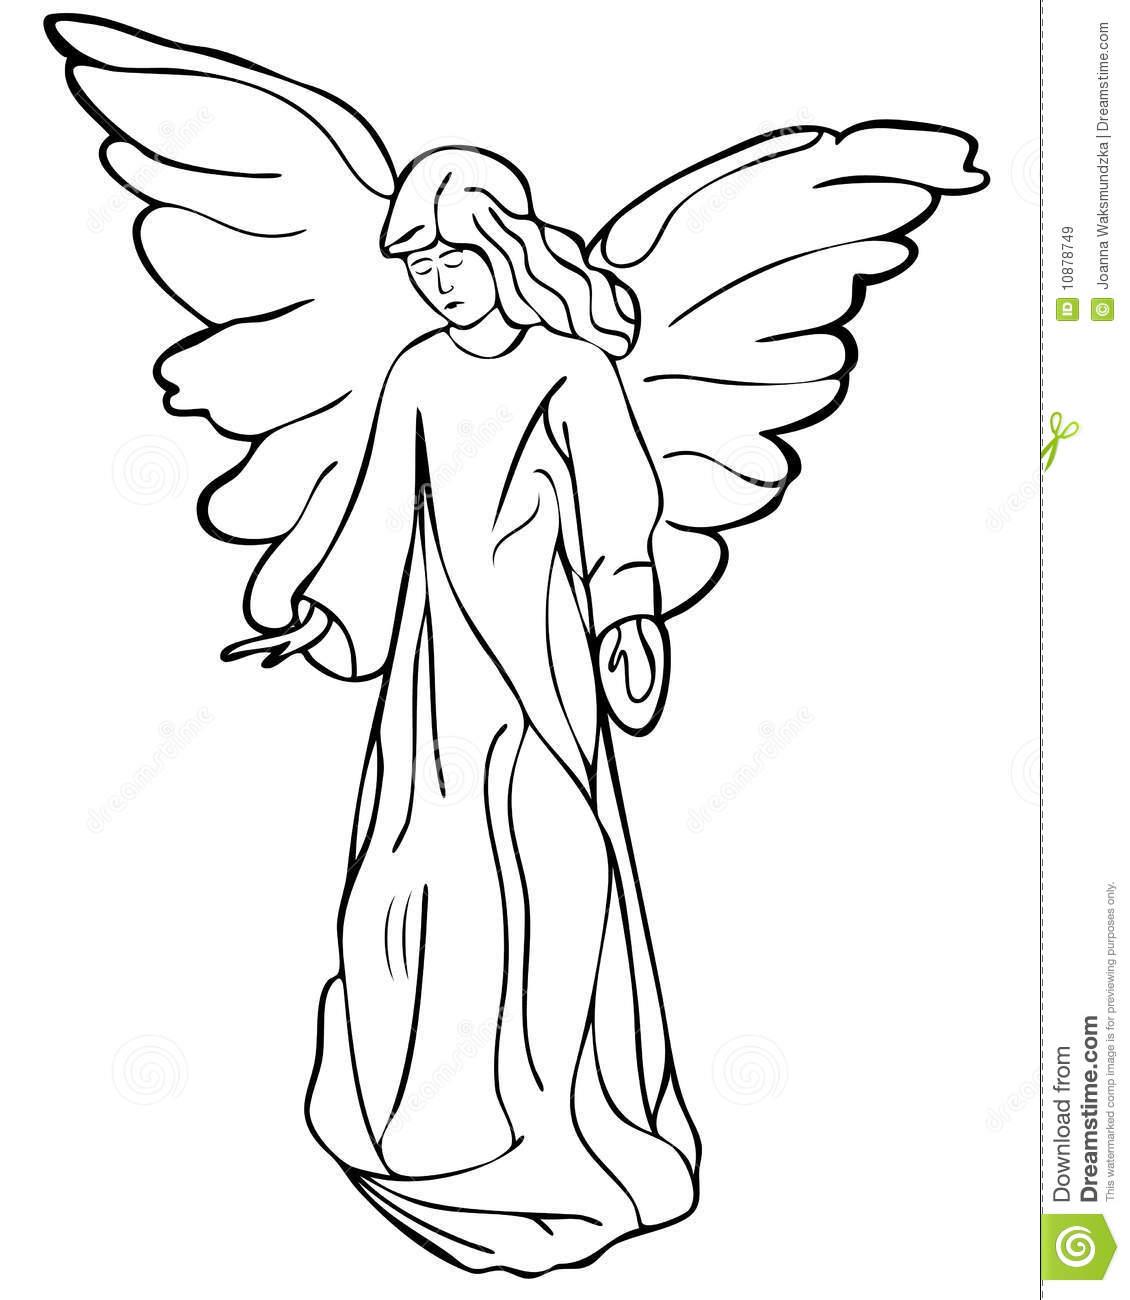 1130x1300 Drawing 10878749.jpg Tattoo